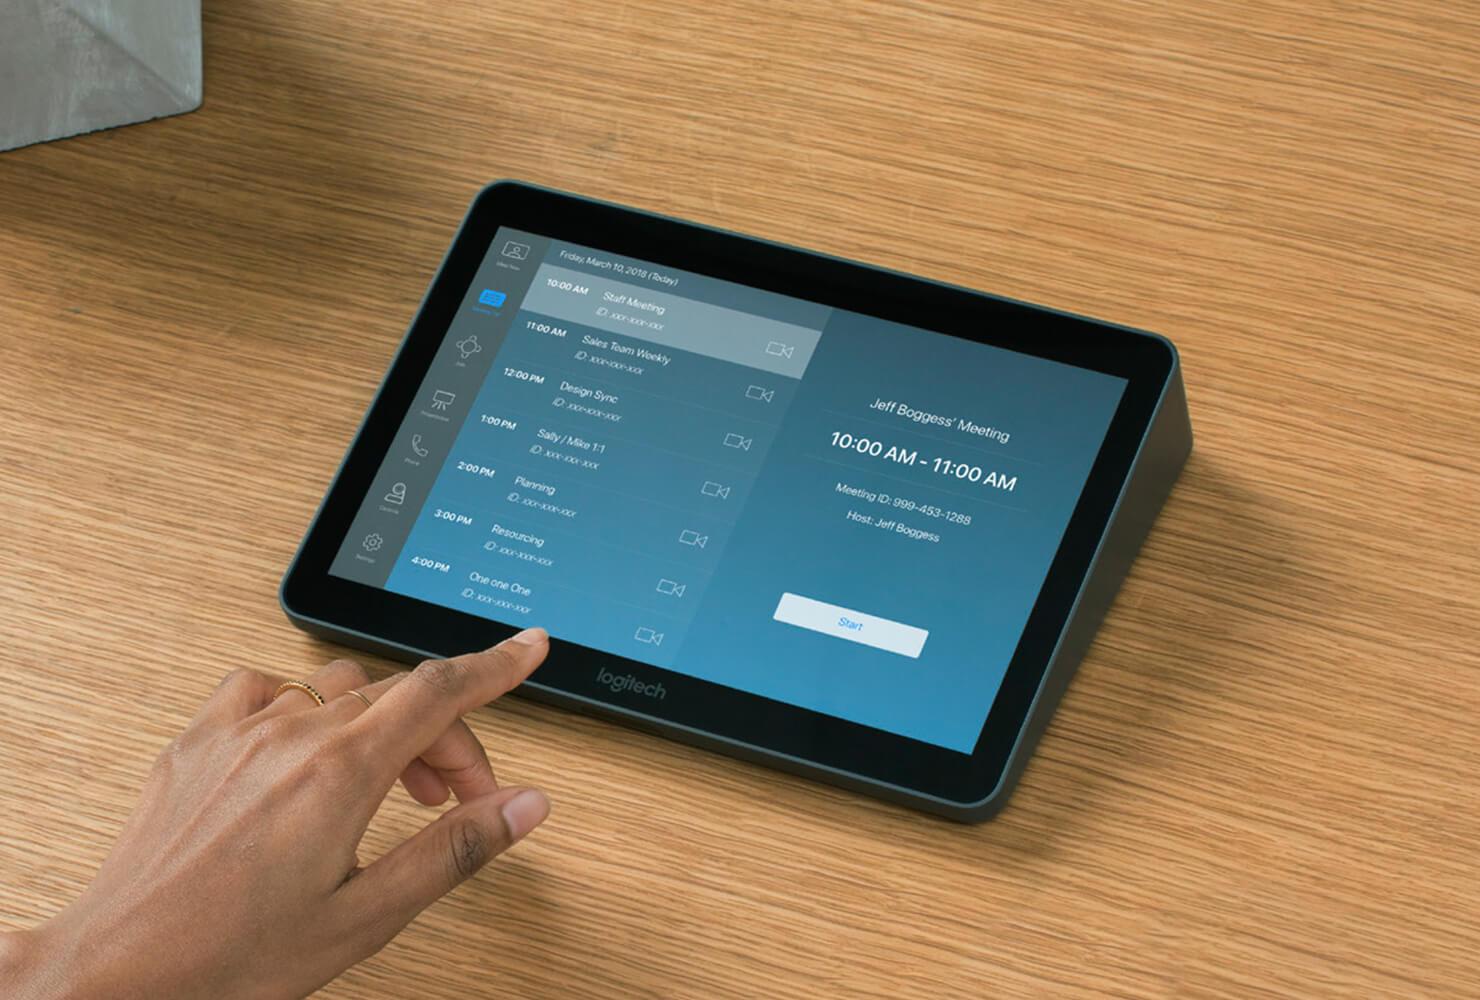 Obrázek: Ajťák už v jednačce nebude potřeba: Logitech elegantně vyřešil složitou obsluhu videokonferenčních místností